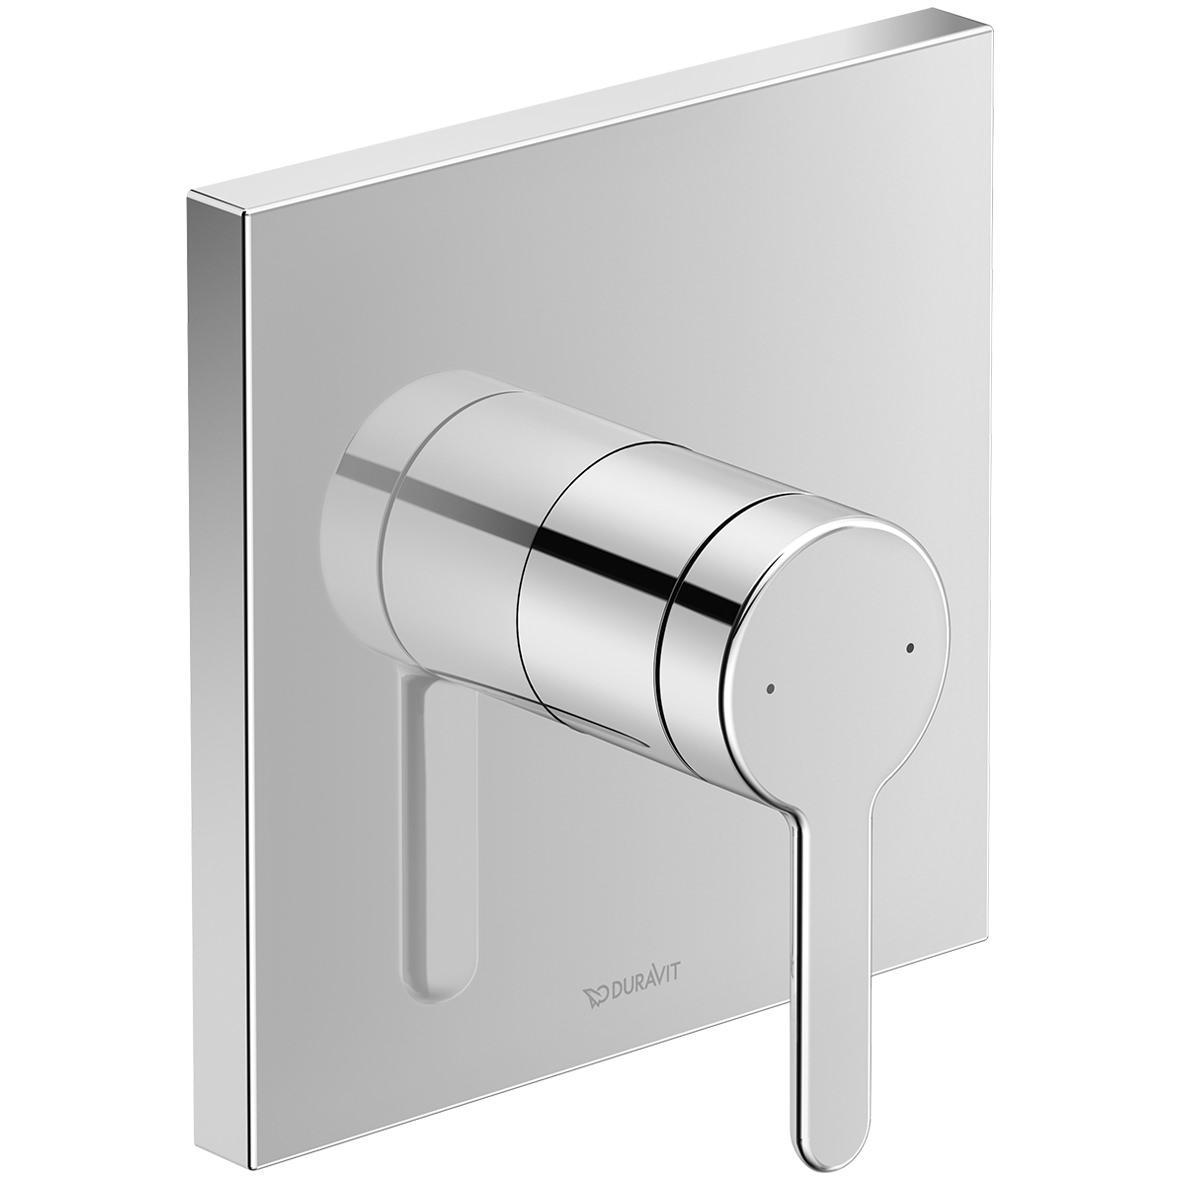 Duravit C 1 Square Concealed Manual Shower Mixer Valve C14210009010